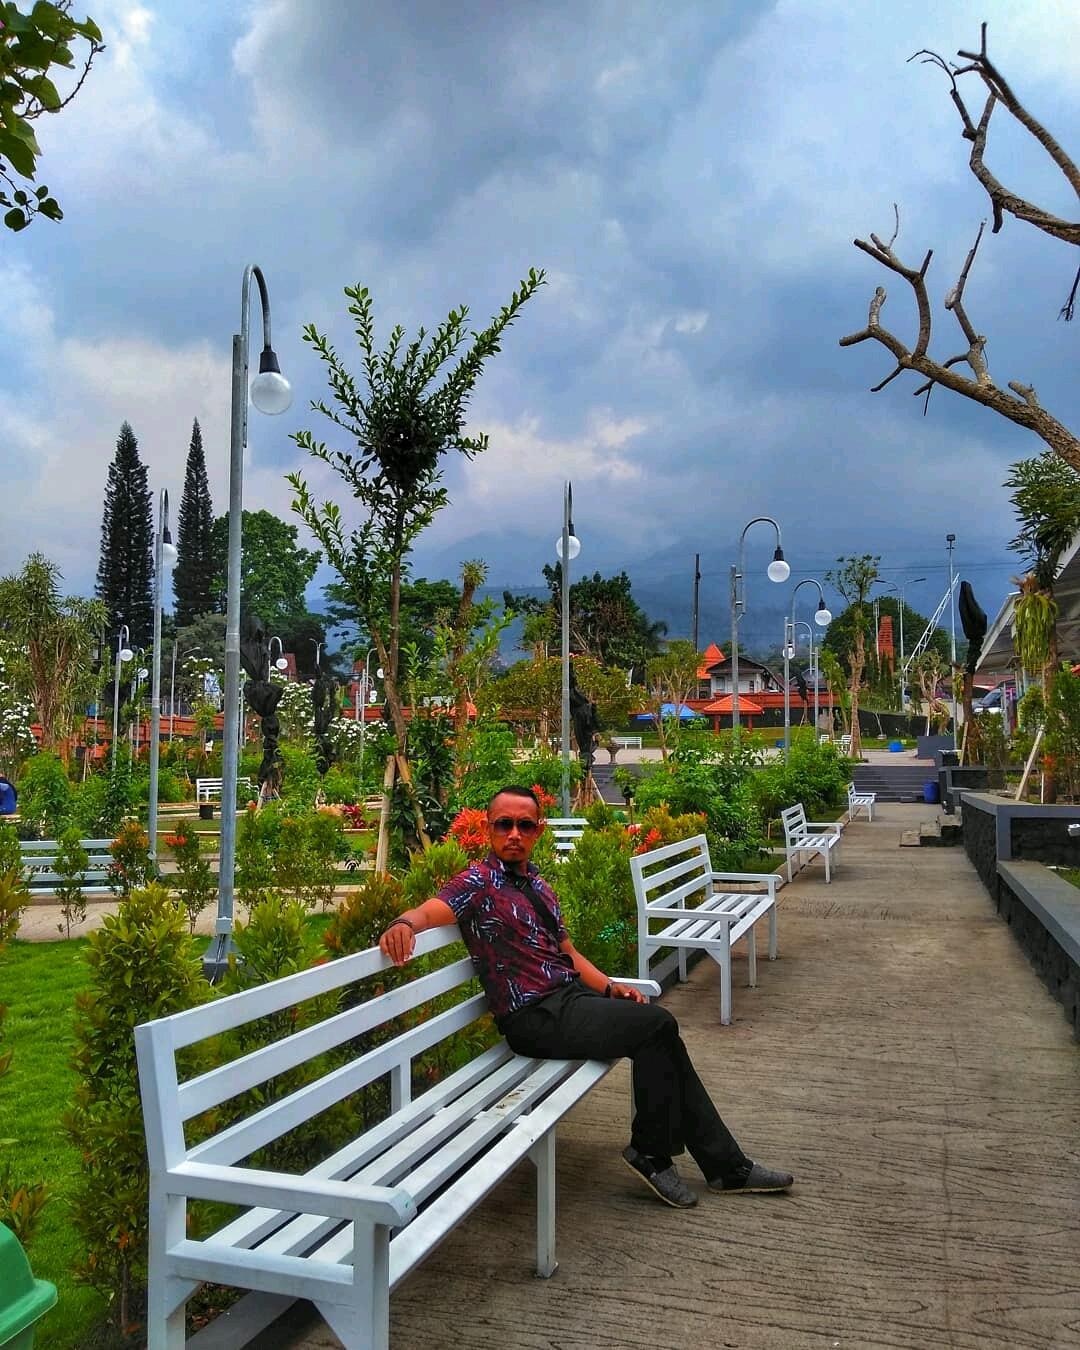 Terbaru! Spot Asik One Stop Travelling Mojokerto di Taman